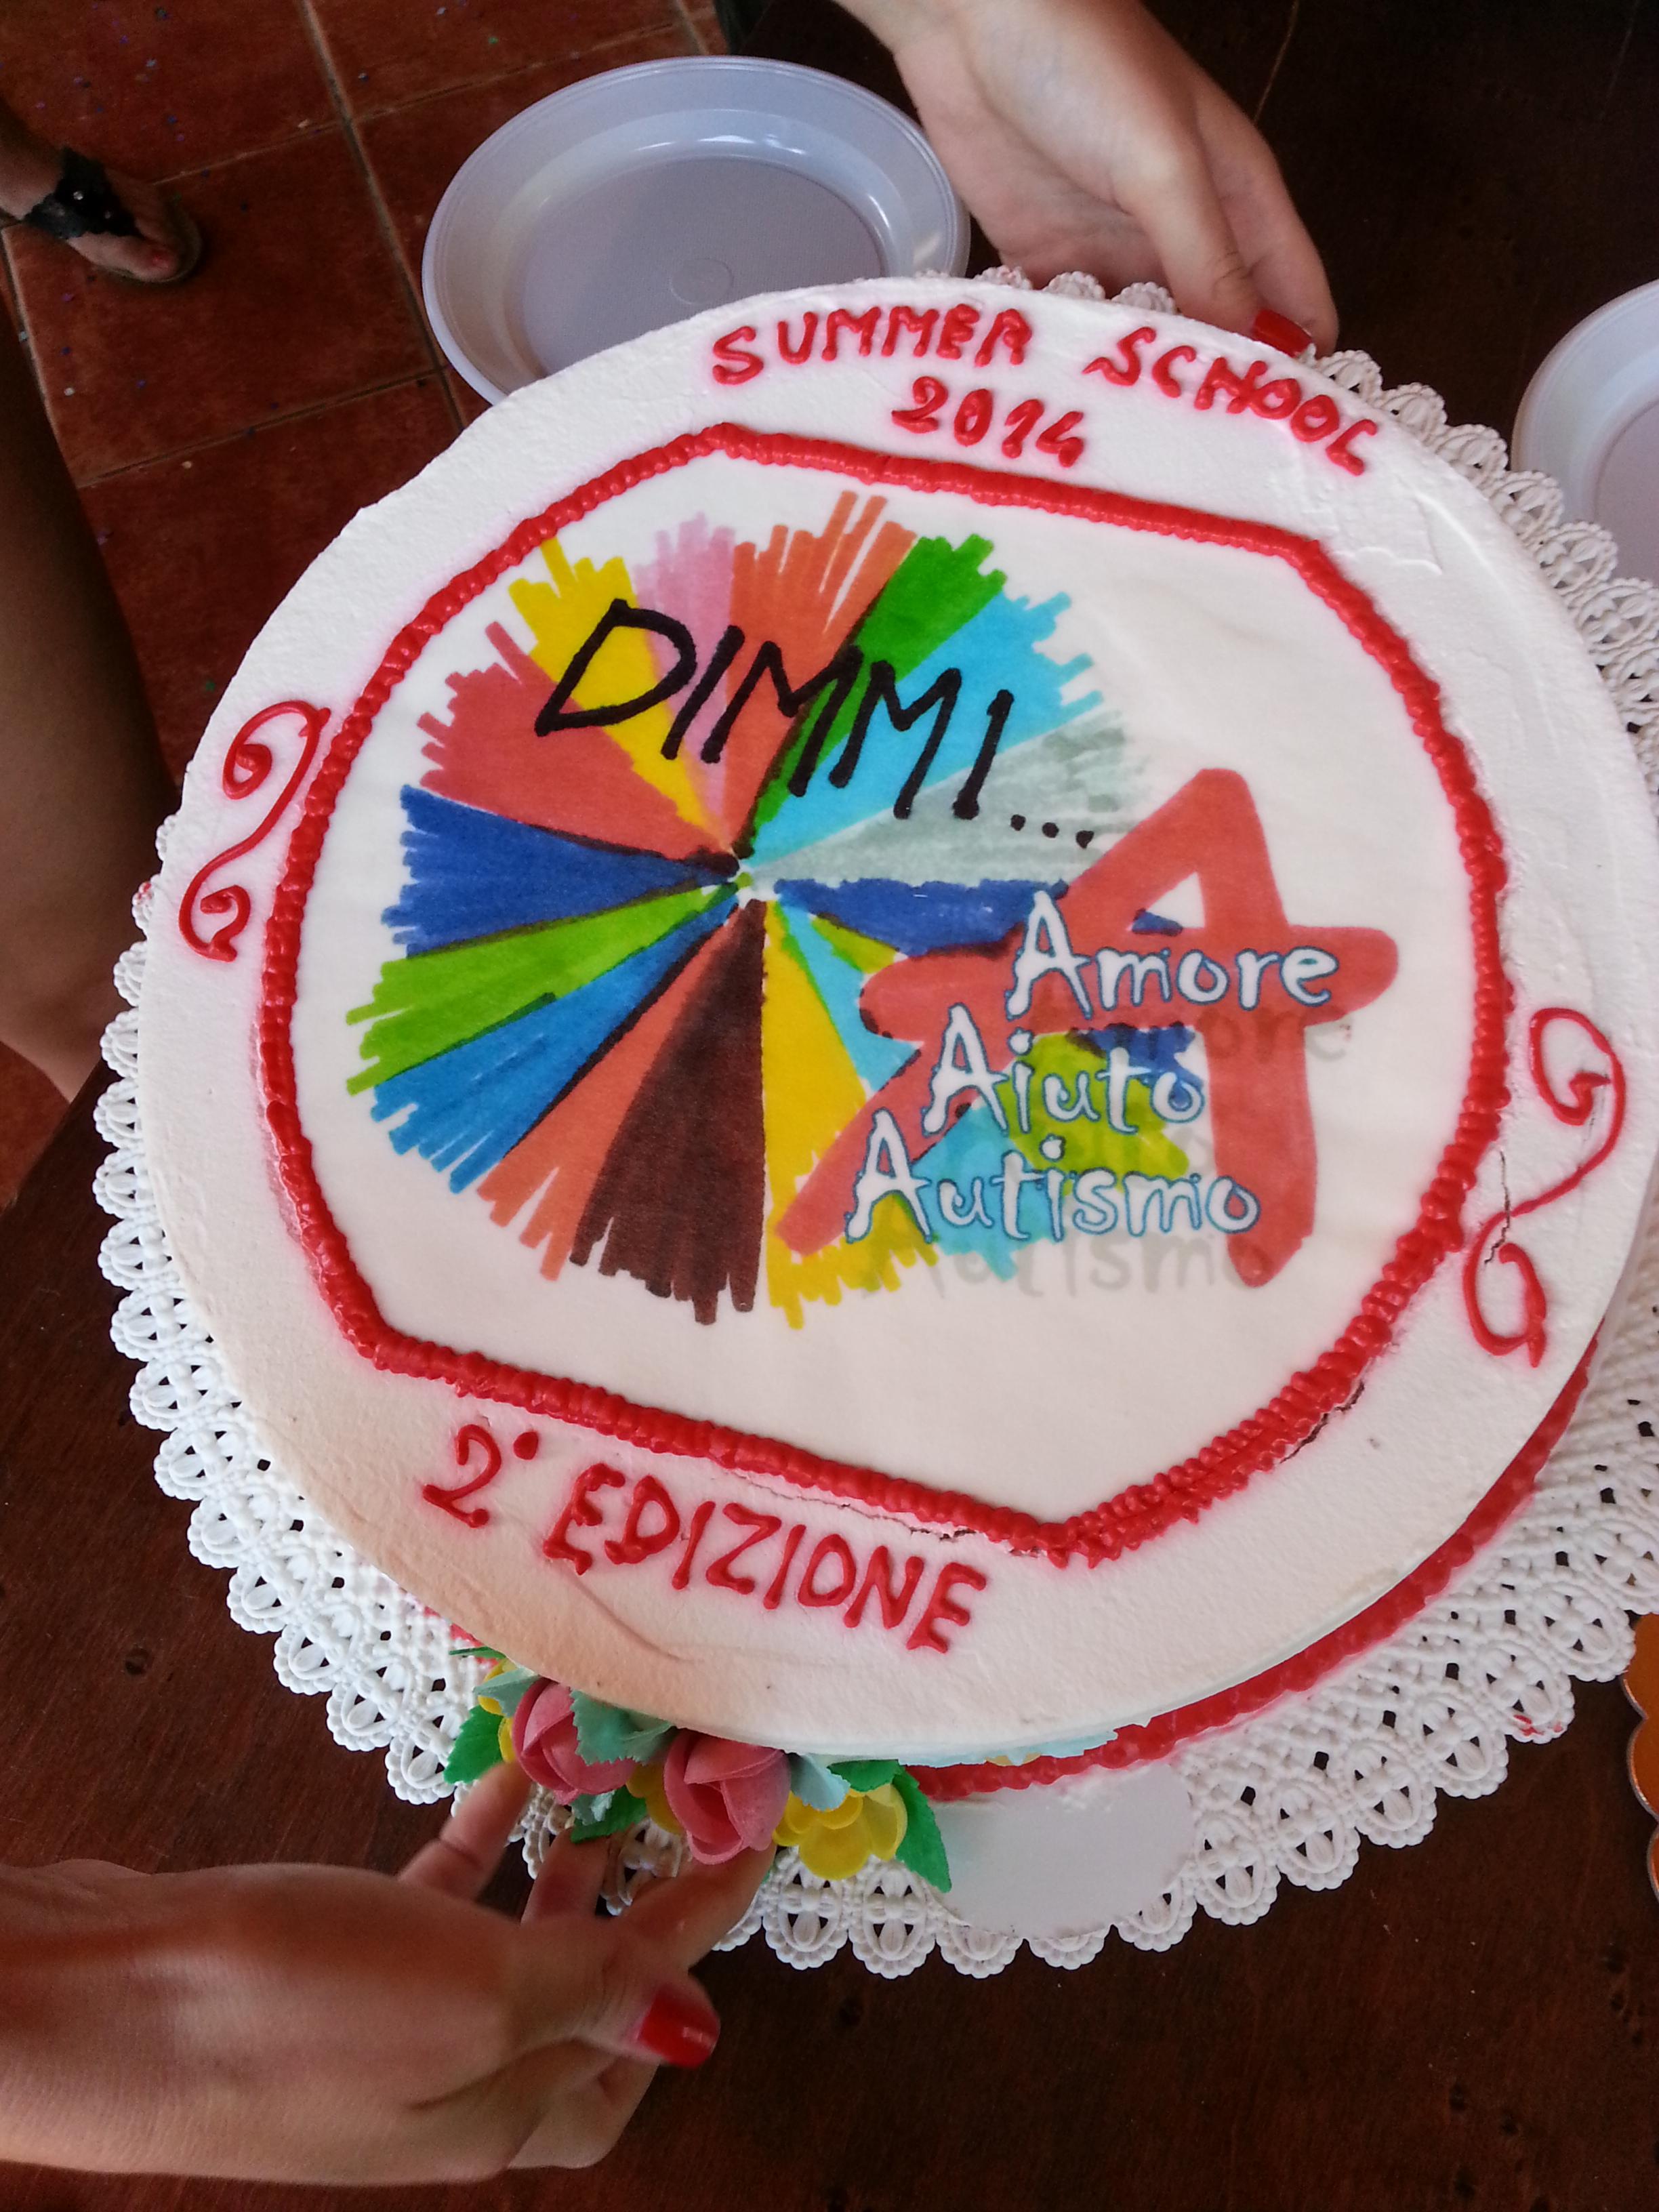 Il secondo anno della Summer School organizzata da DimmiA